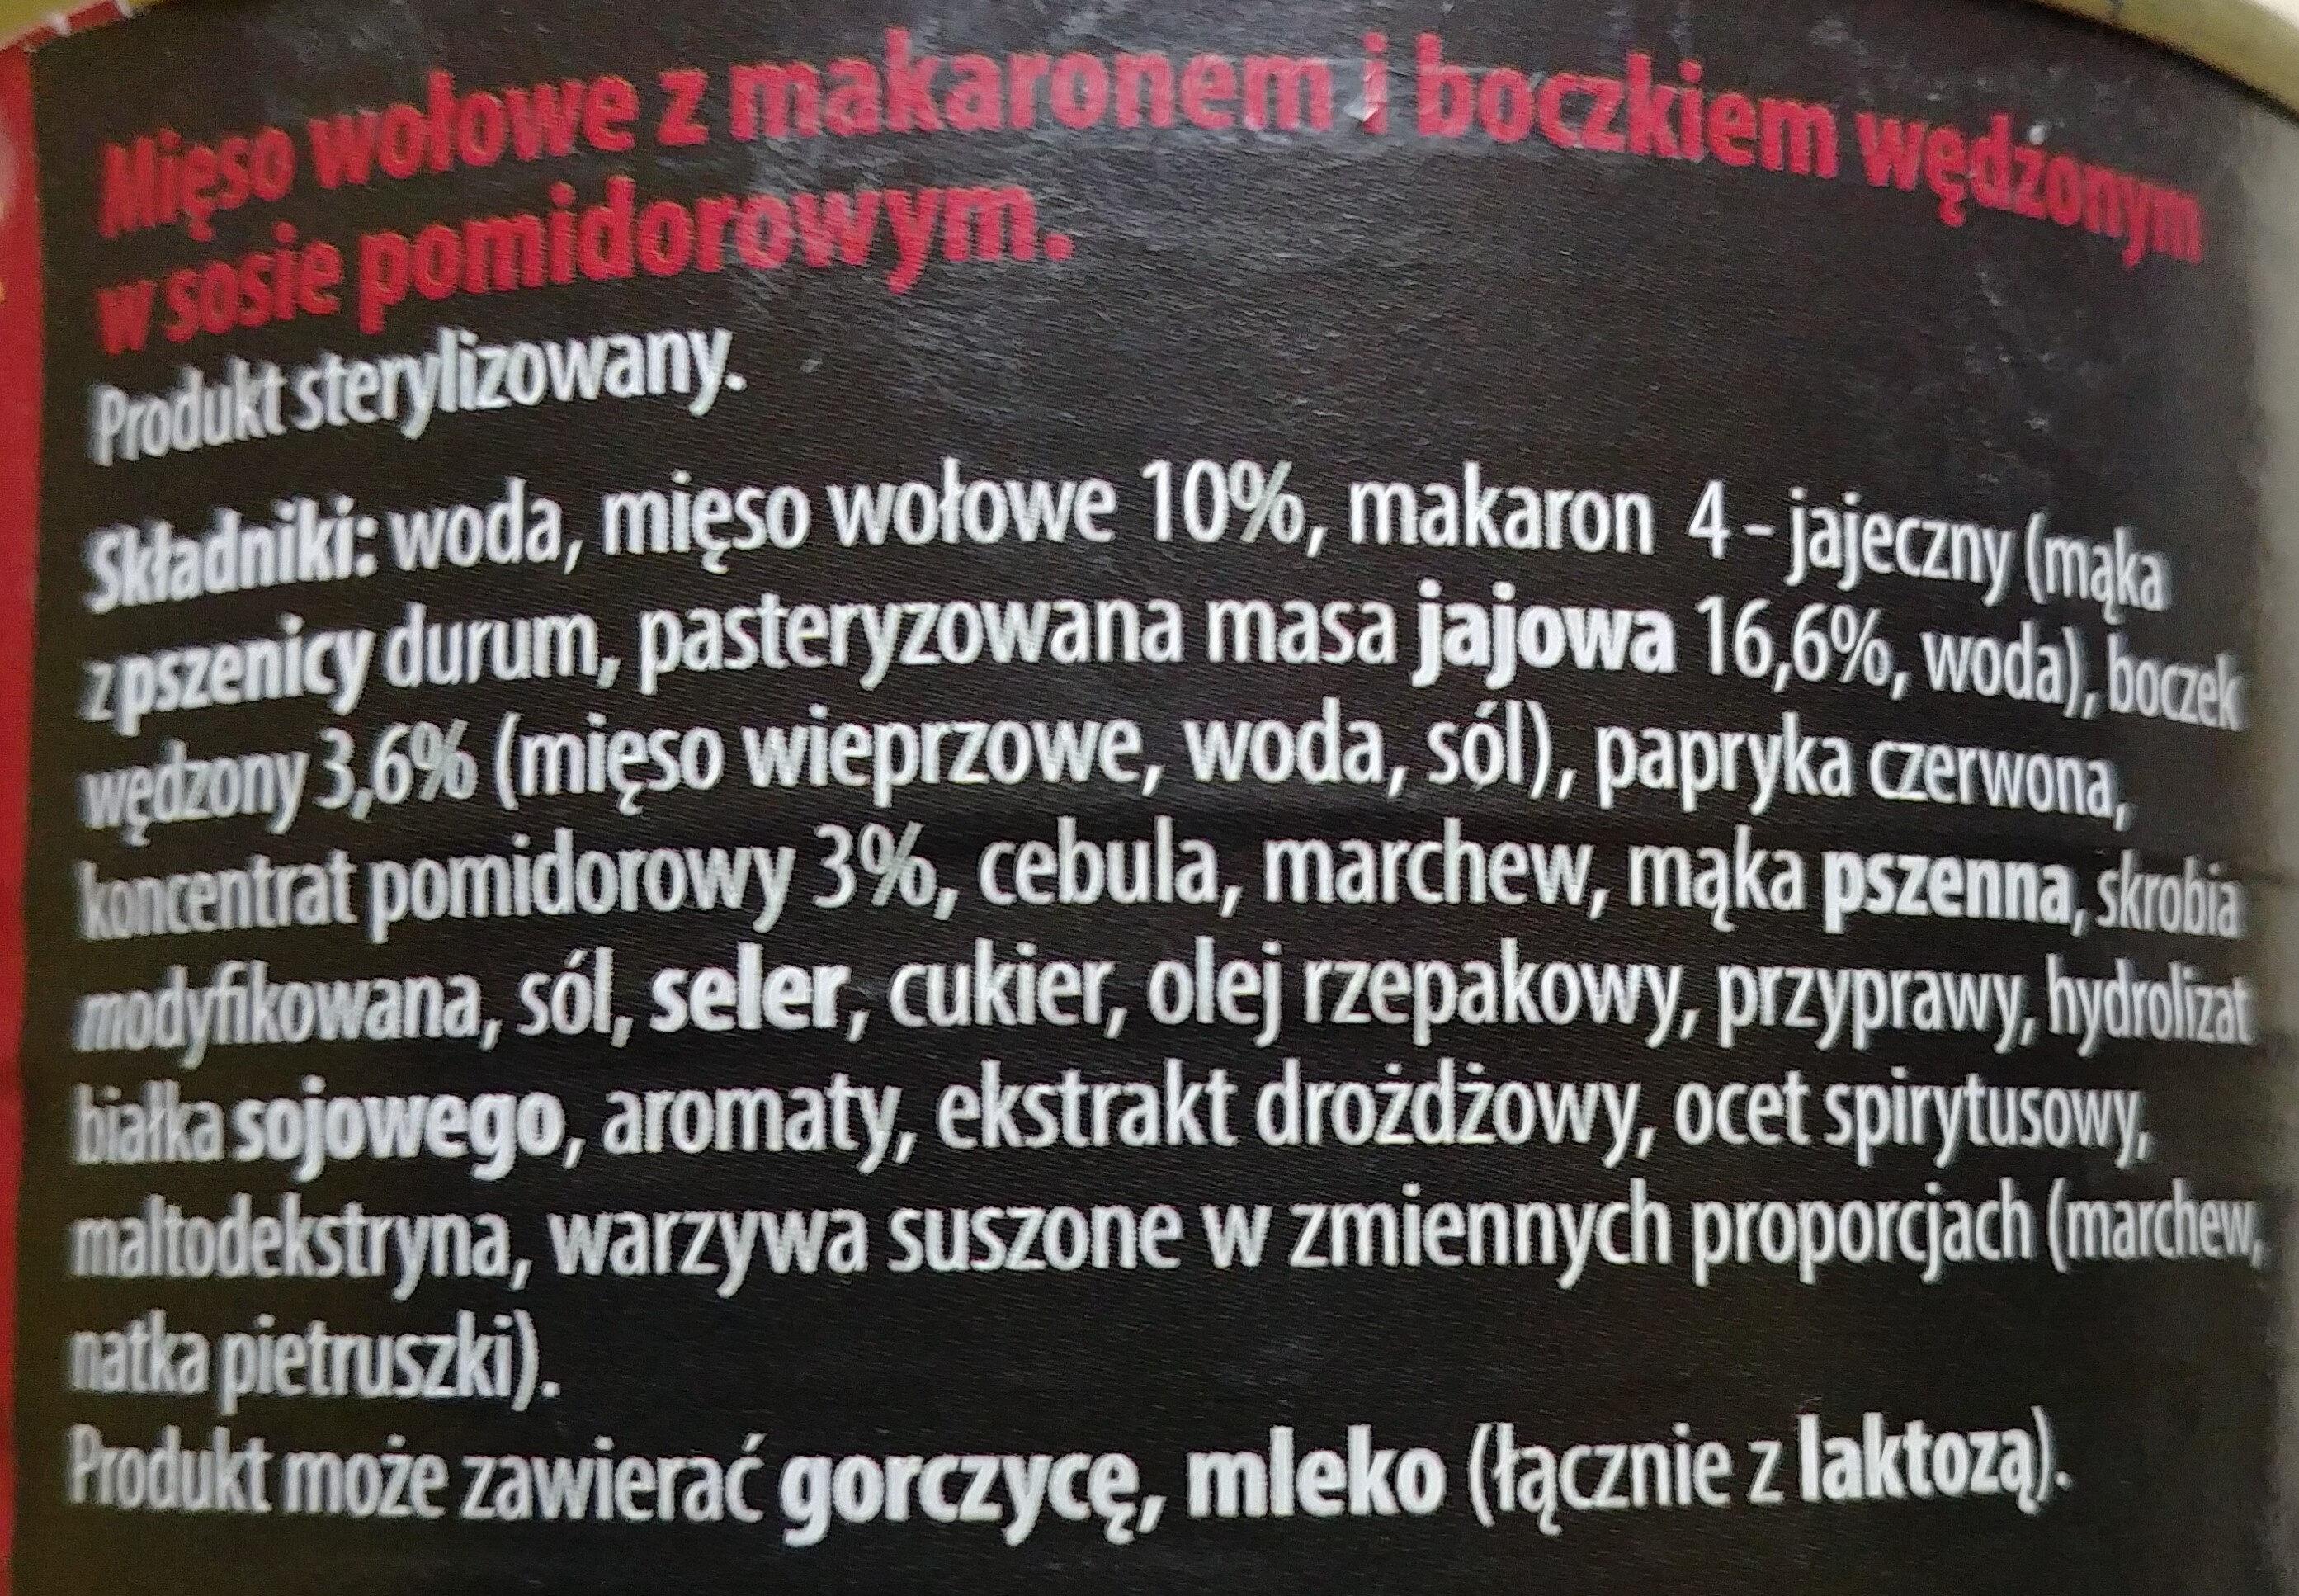 Mięso wołowe z makaronem i boczkiem wędzonym w sosie pomidorowym - Ingredients - pl